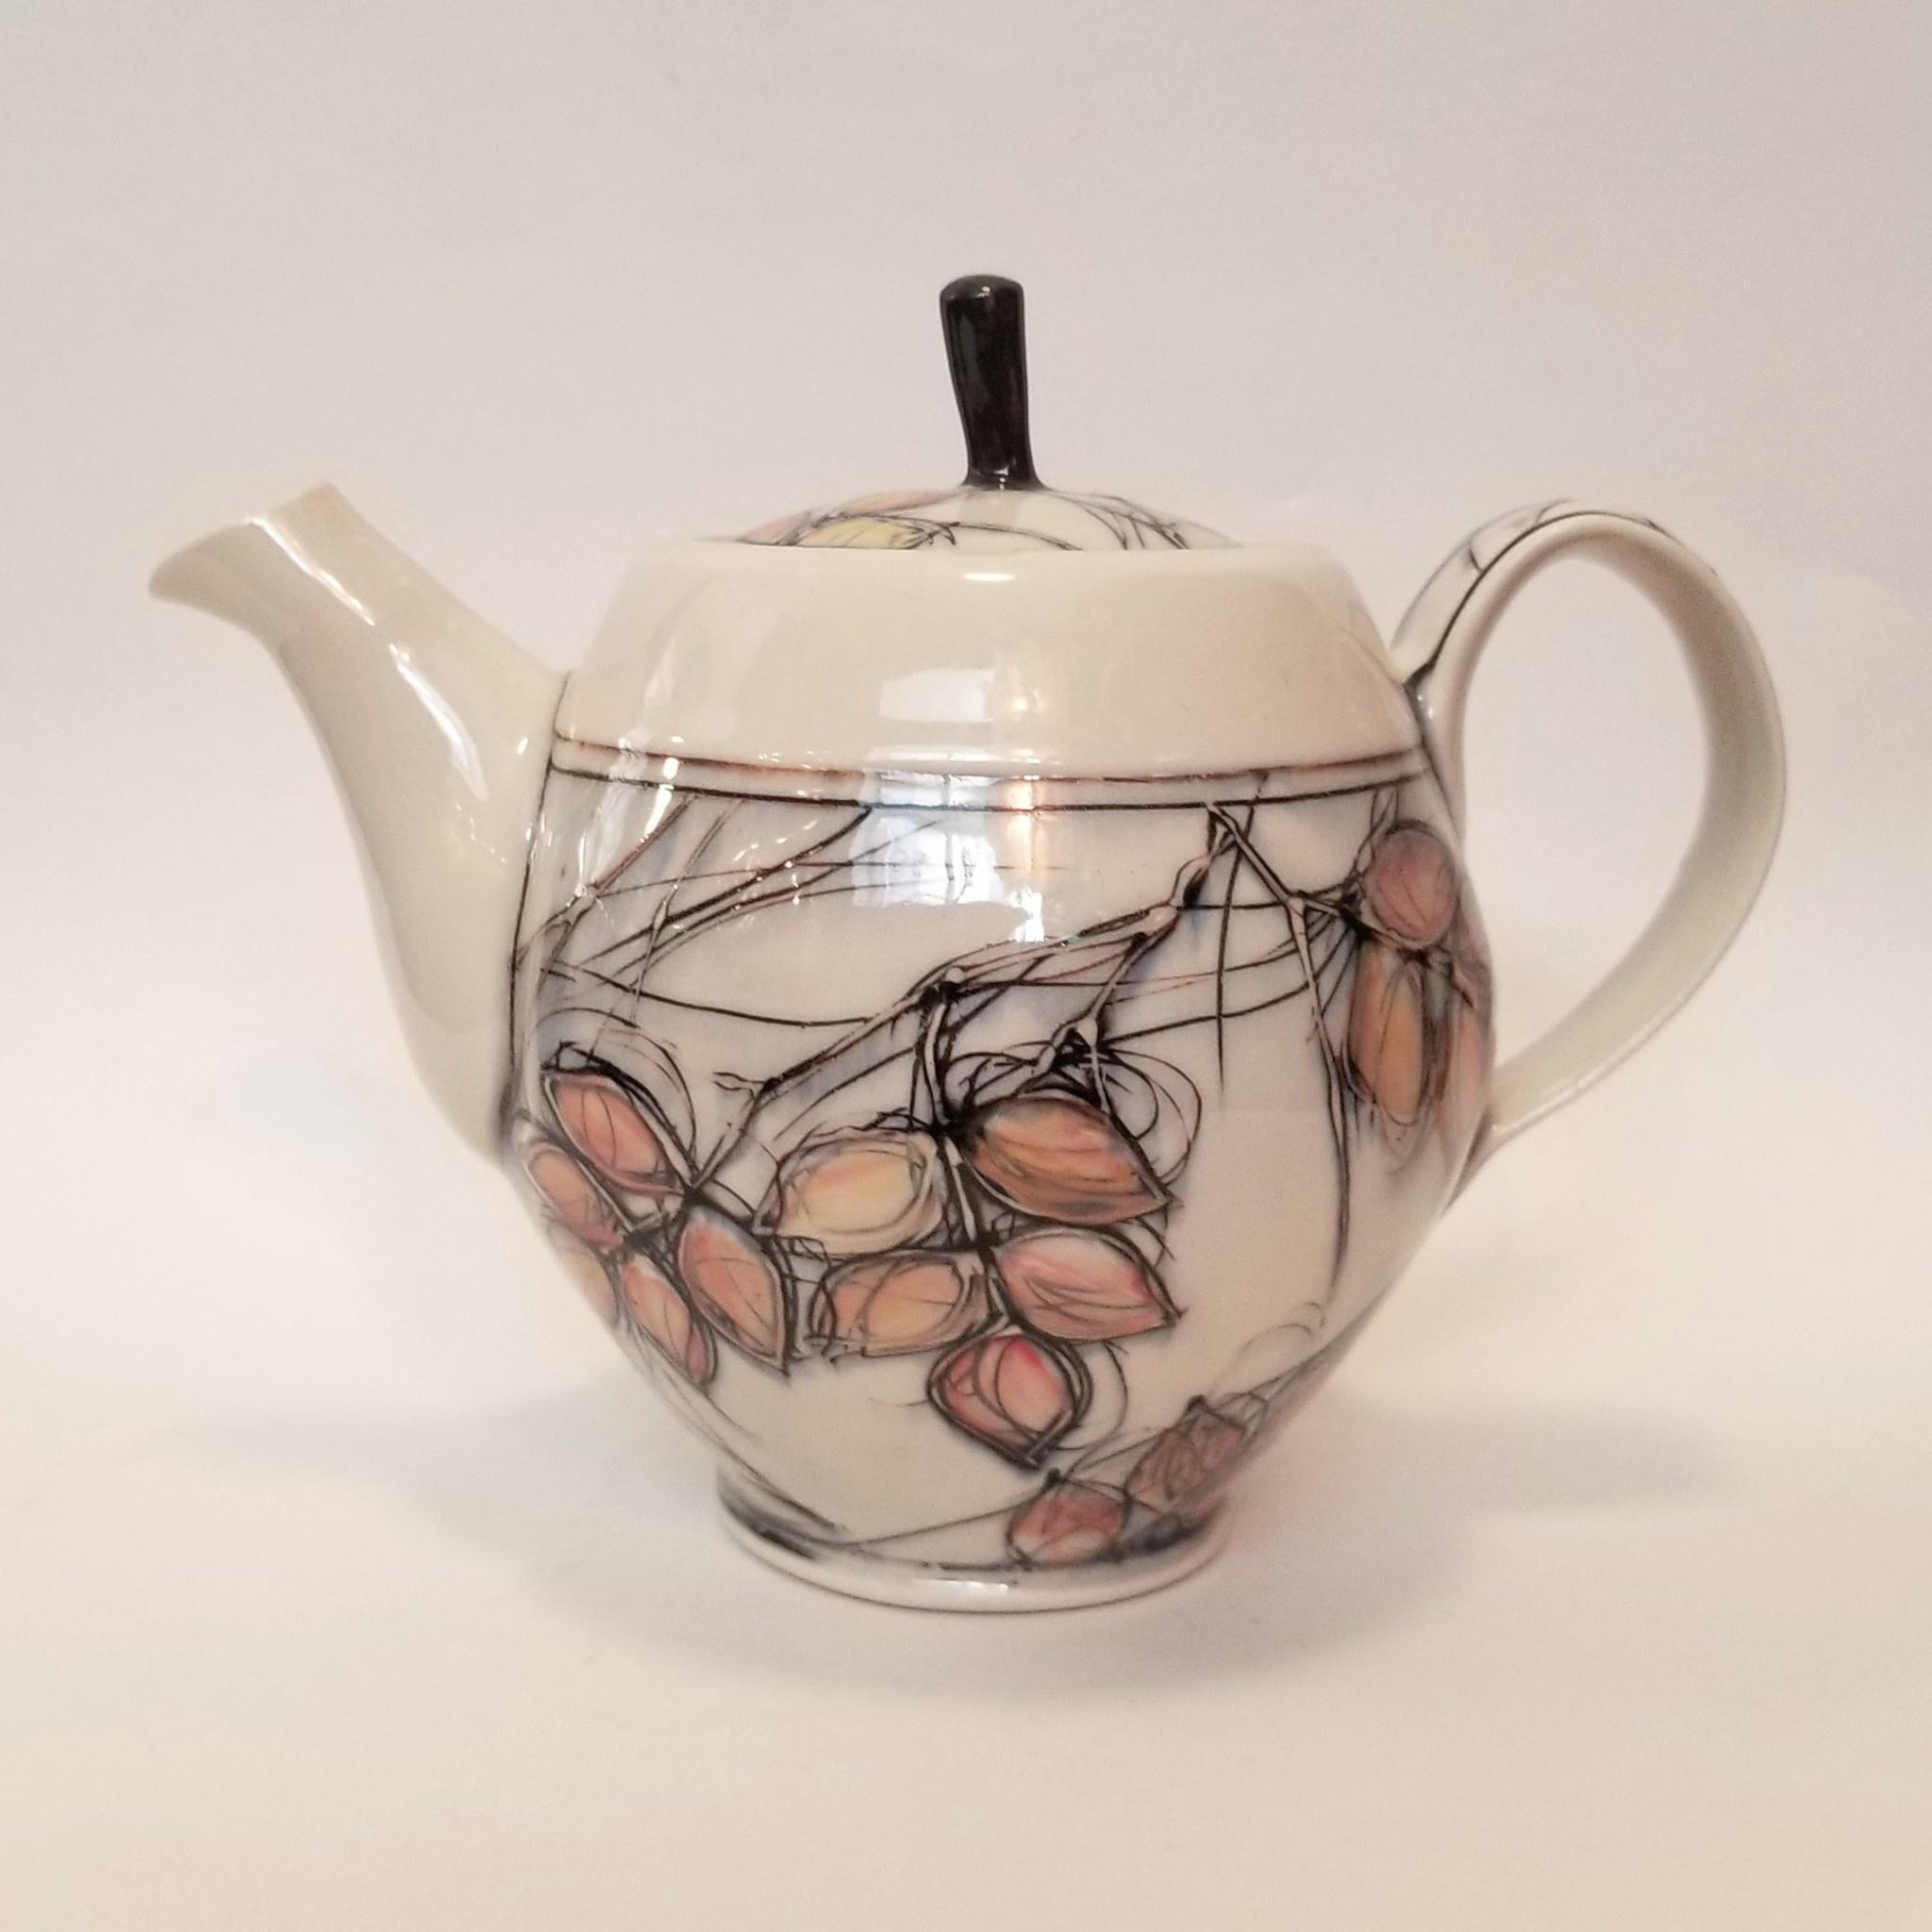 Little Sister Pottery Little Sister Pottery - Teapot